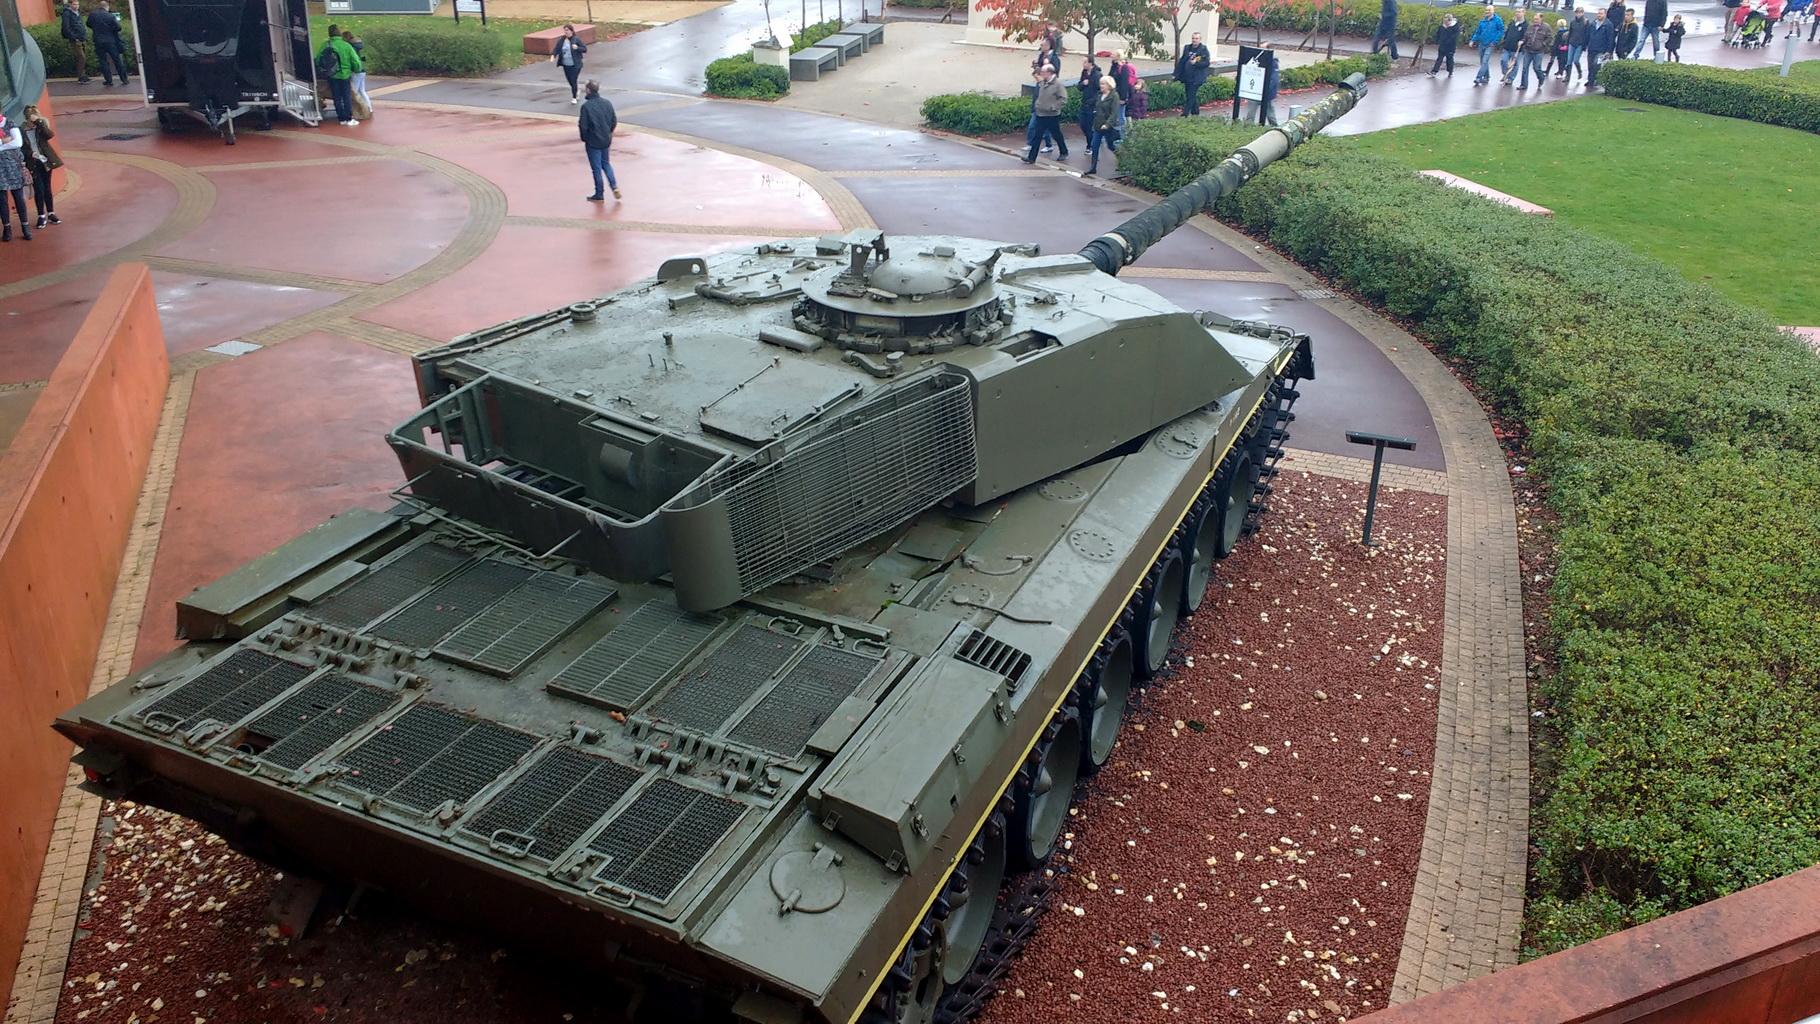 Tank_Museum_20151027_58.jpg